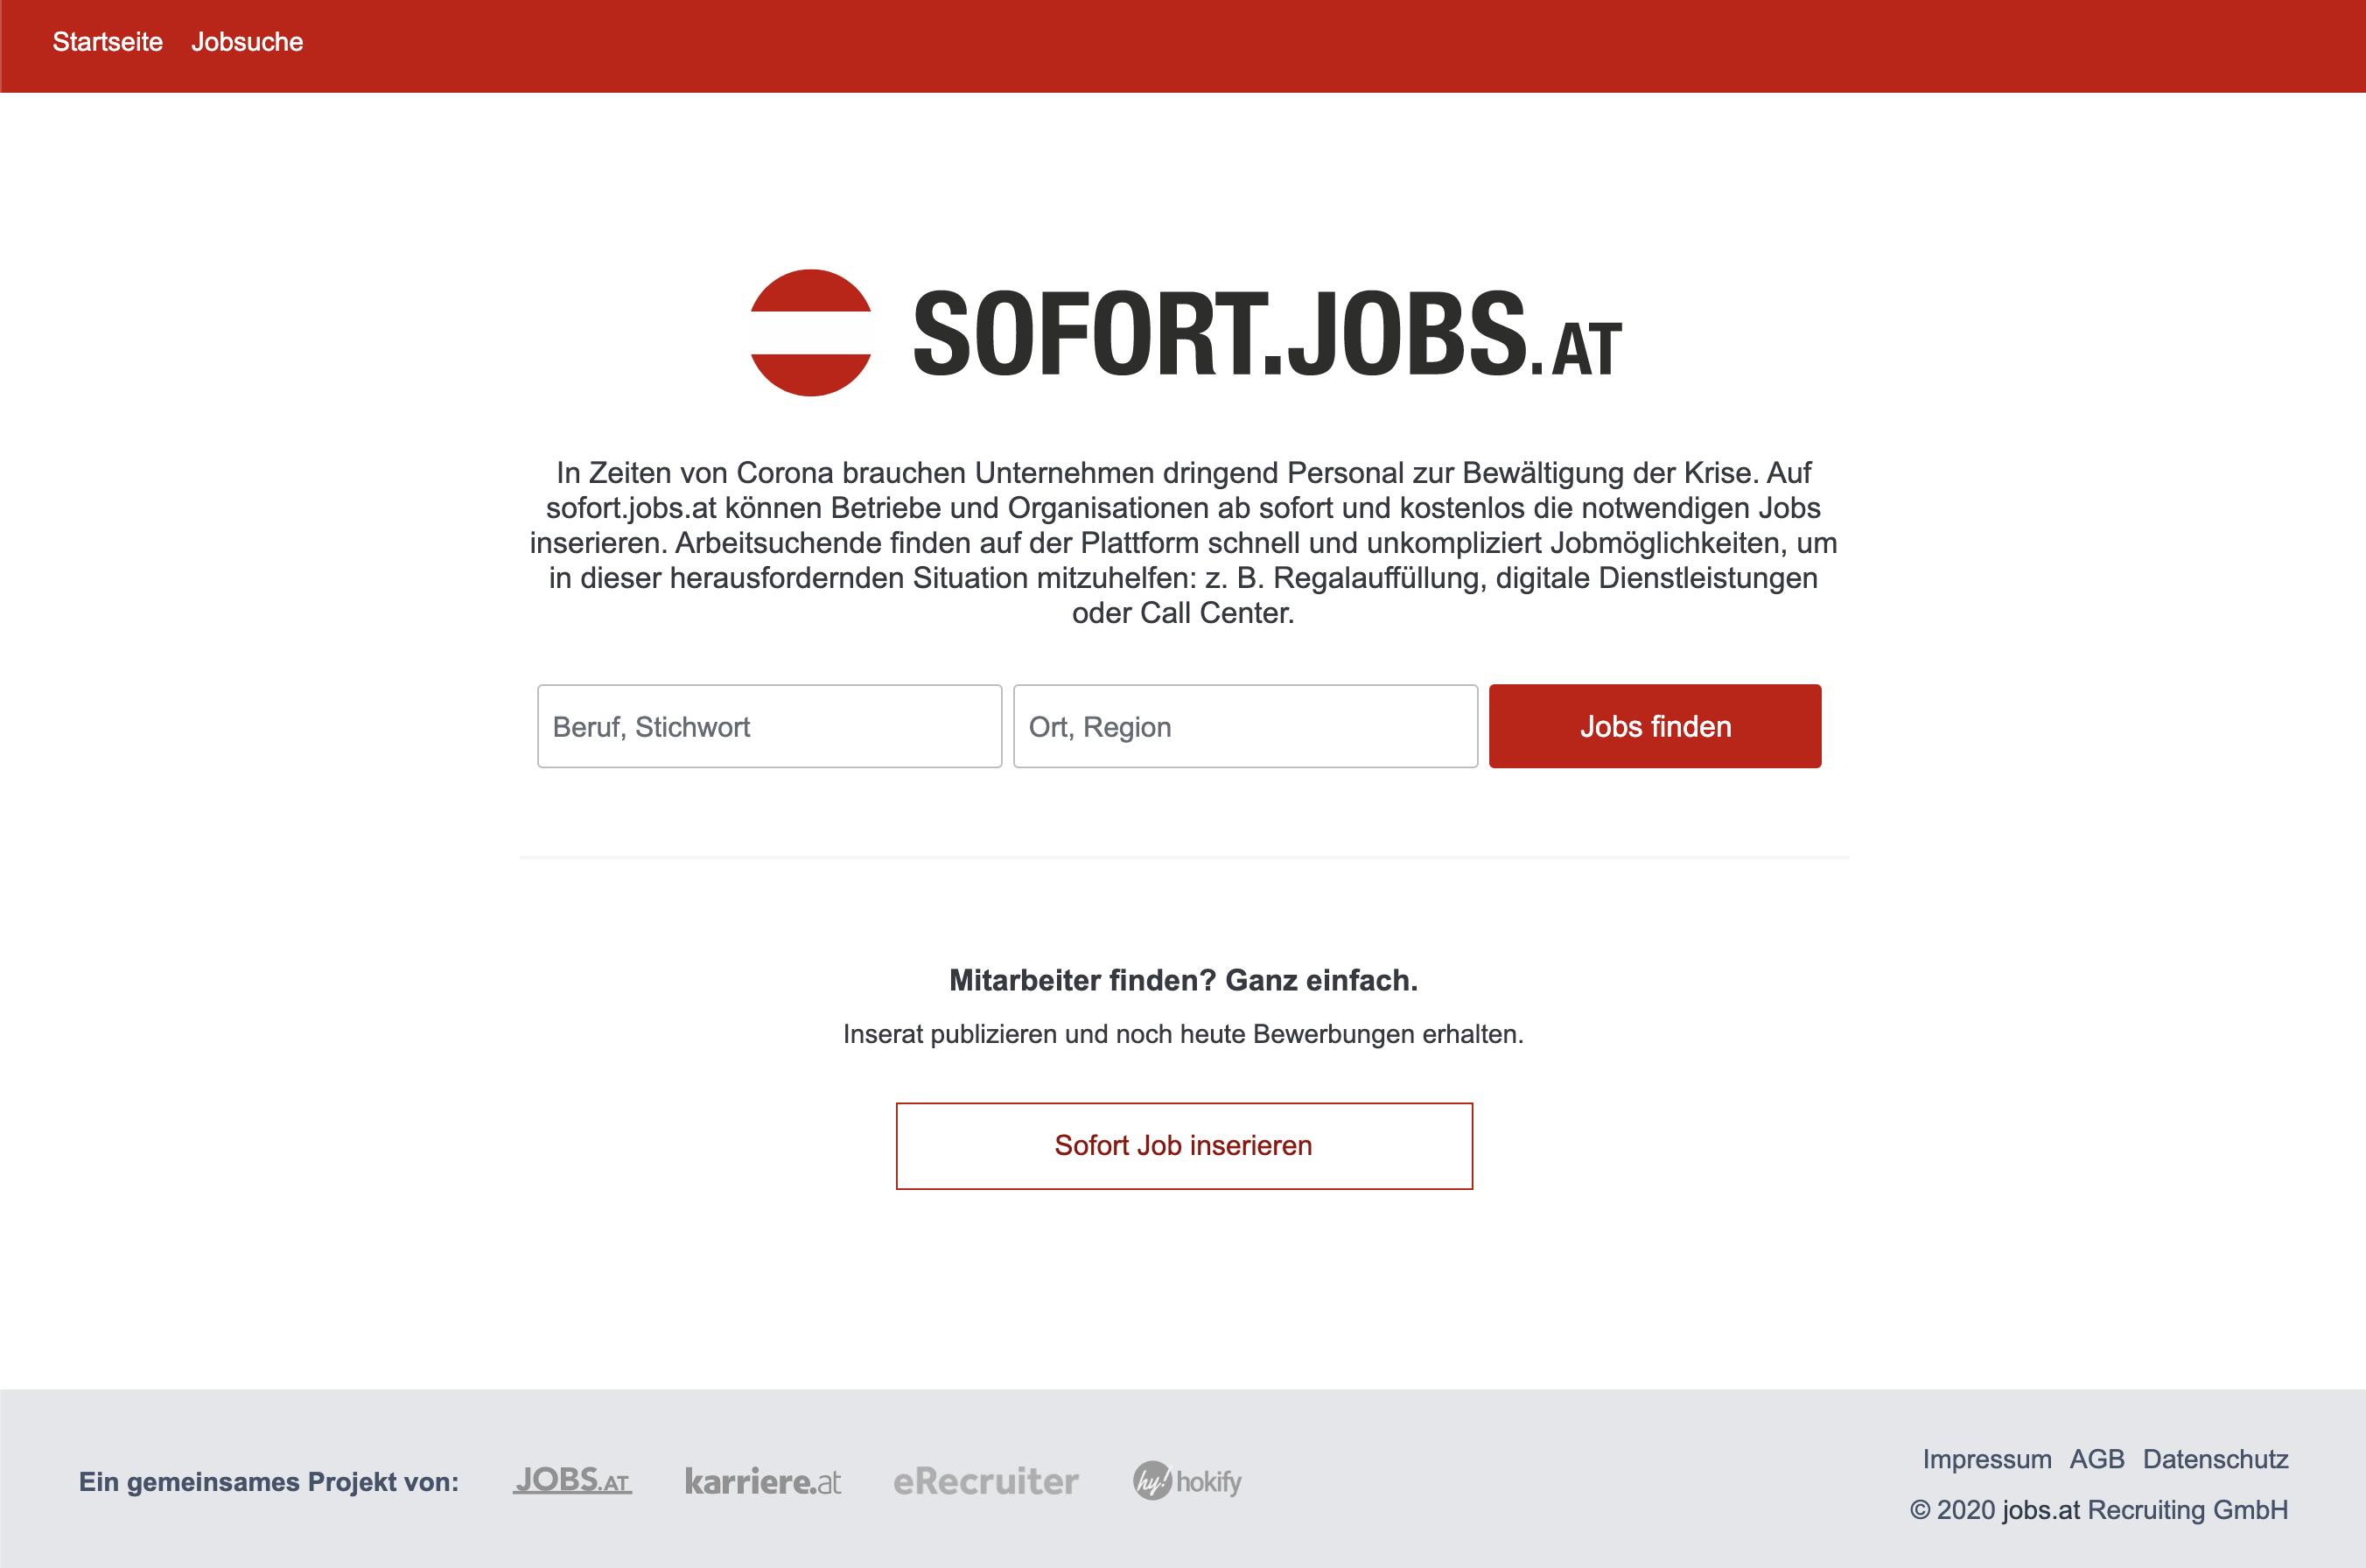 Sofort jobs at